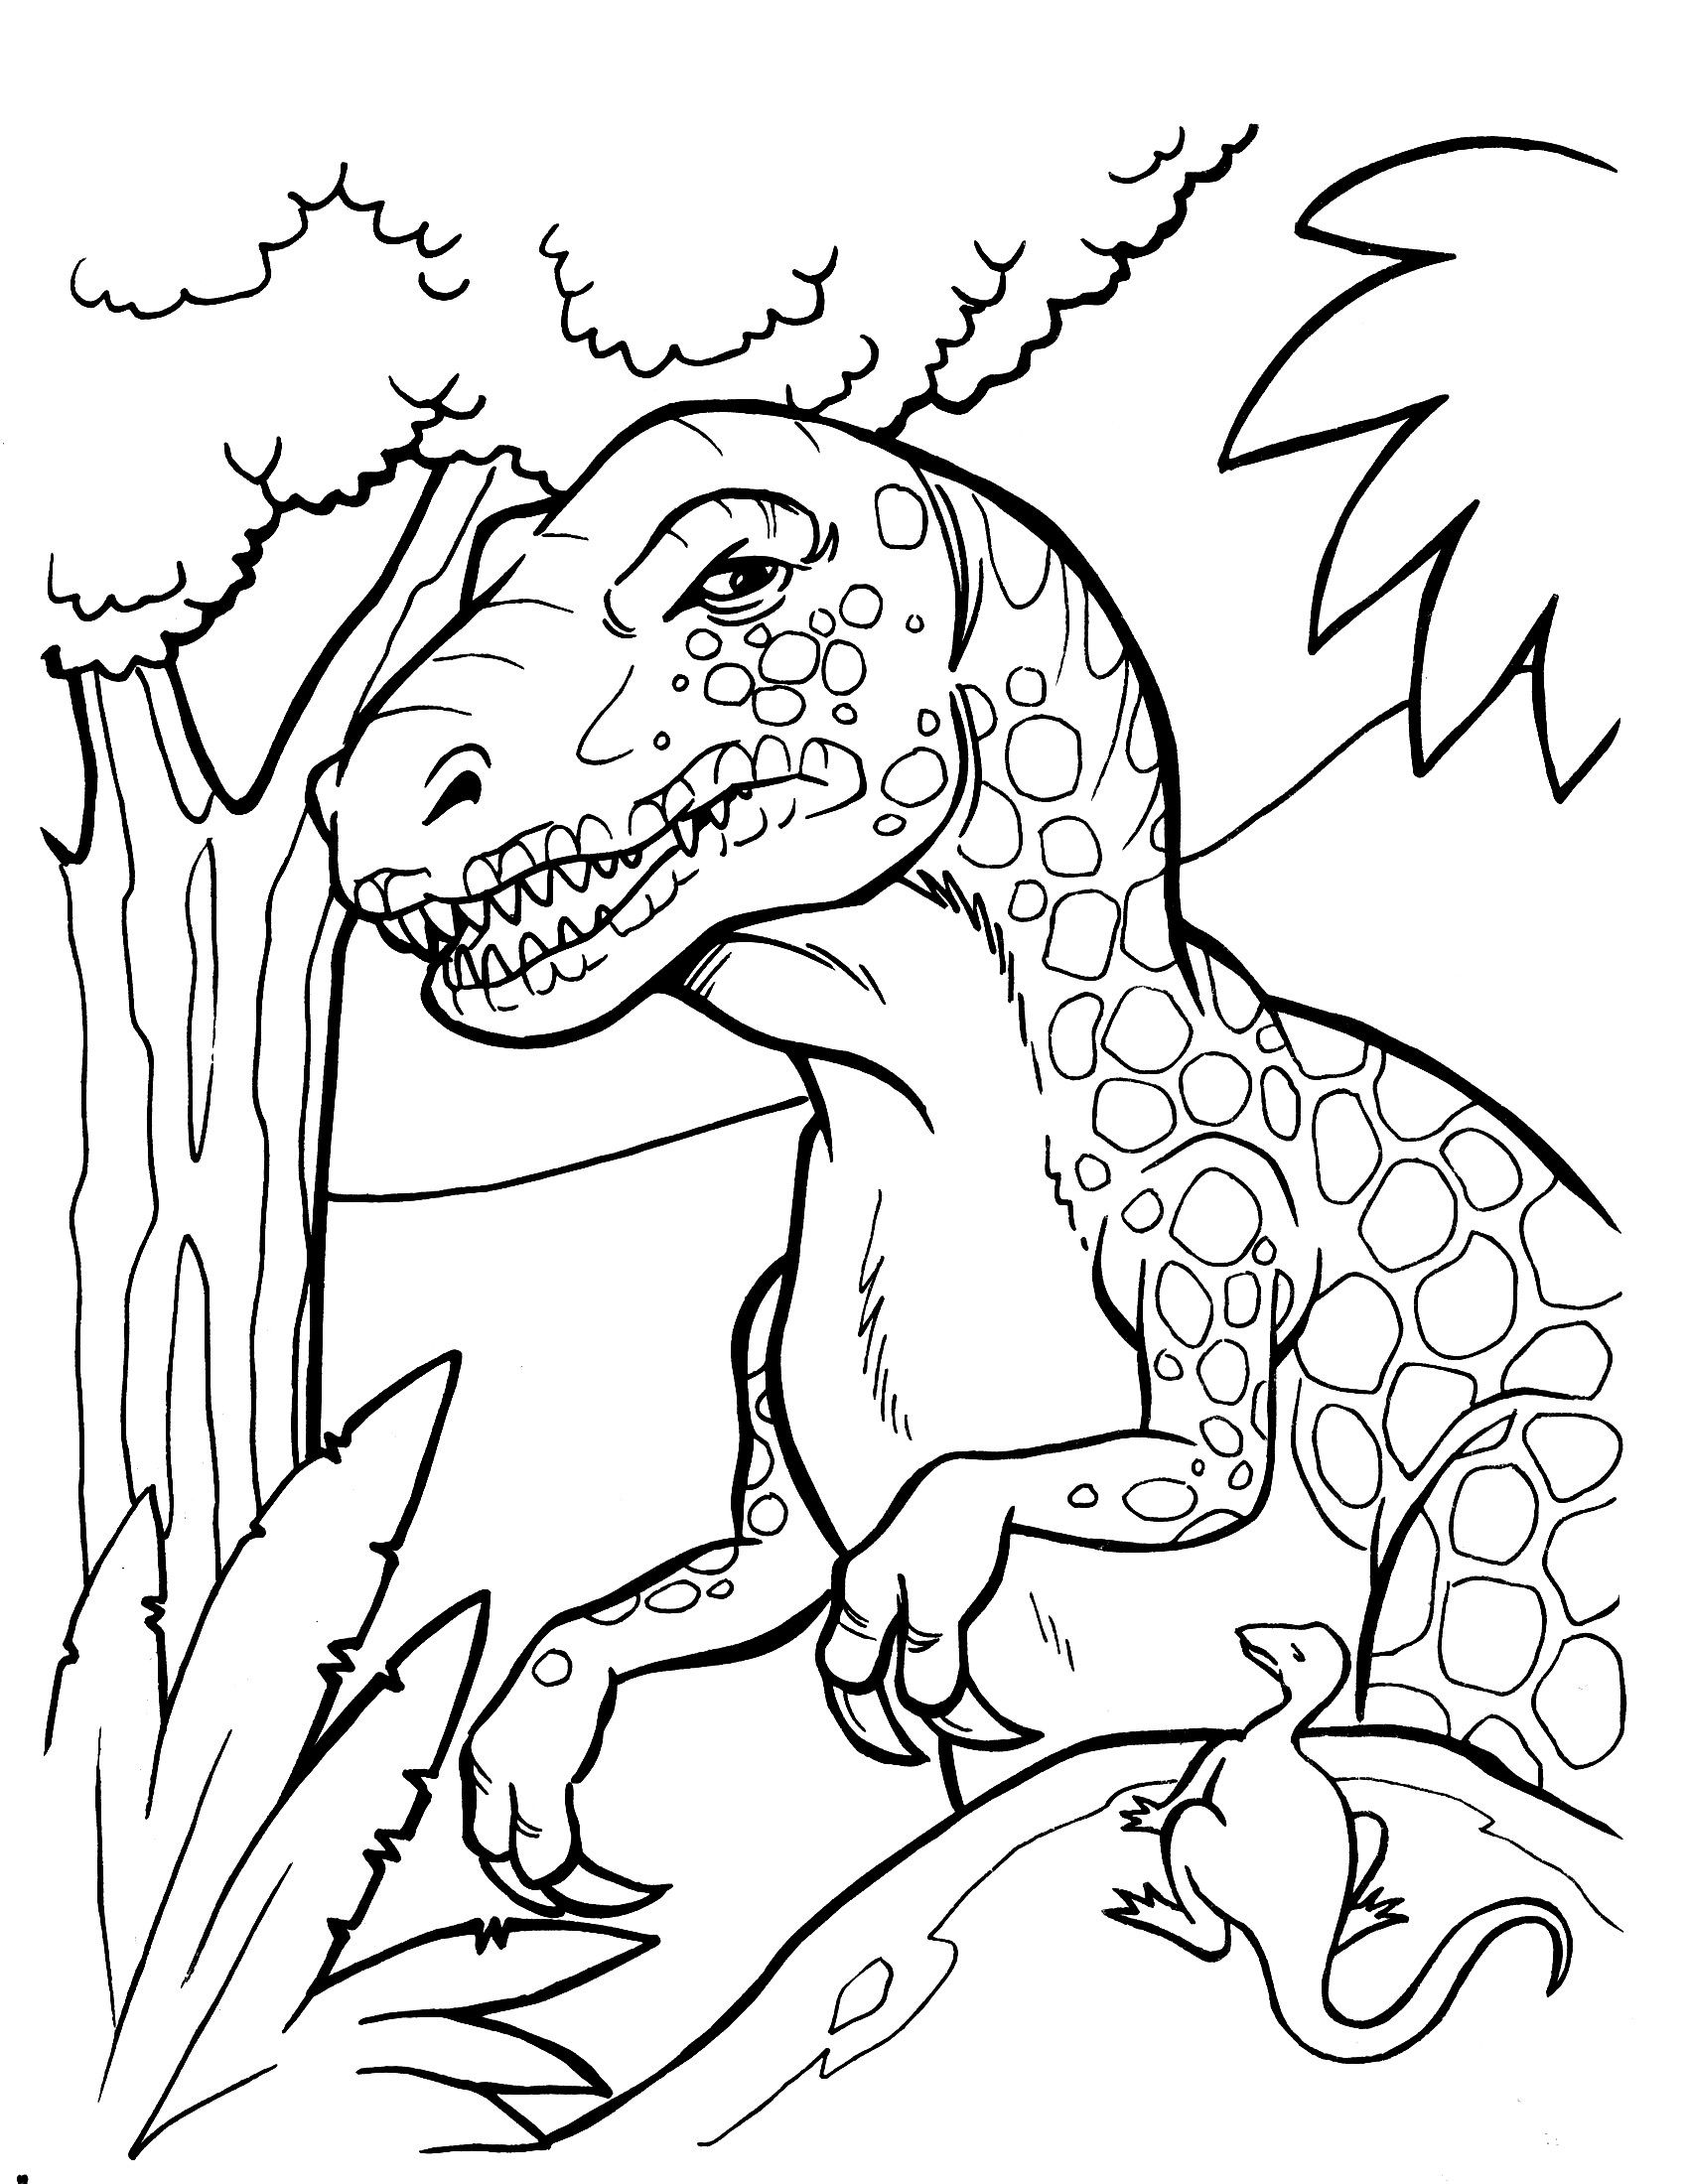 T Rex Da Colorare Unico Dino Coloring Pages Pdf Of T Rex Da Colorare T Rex Da Colorare Unico Nel 2020 Pagine Da Colorare Disegni Da Colorare Colori